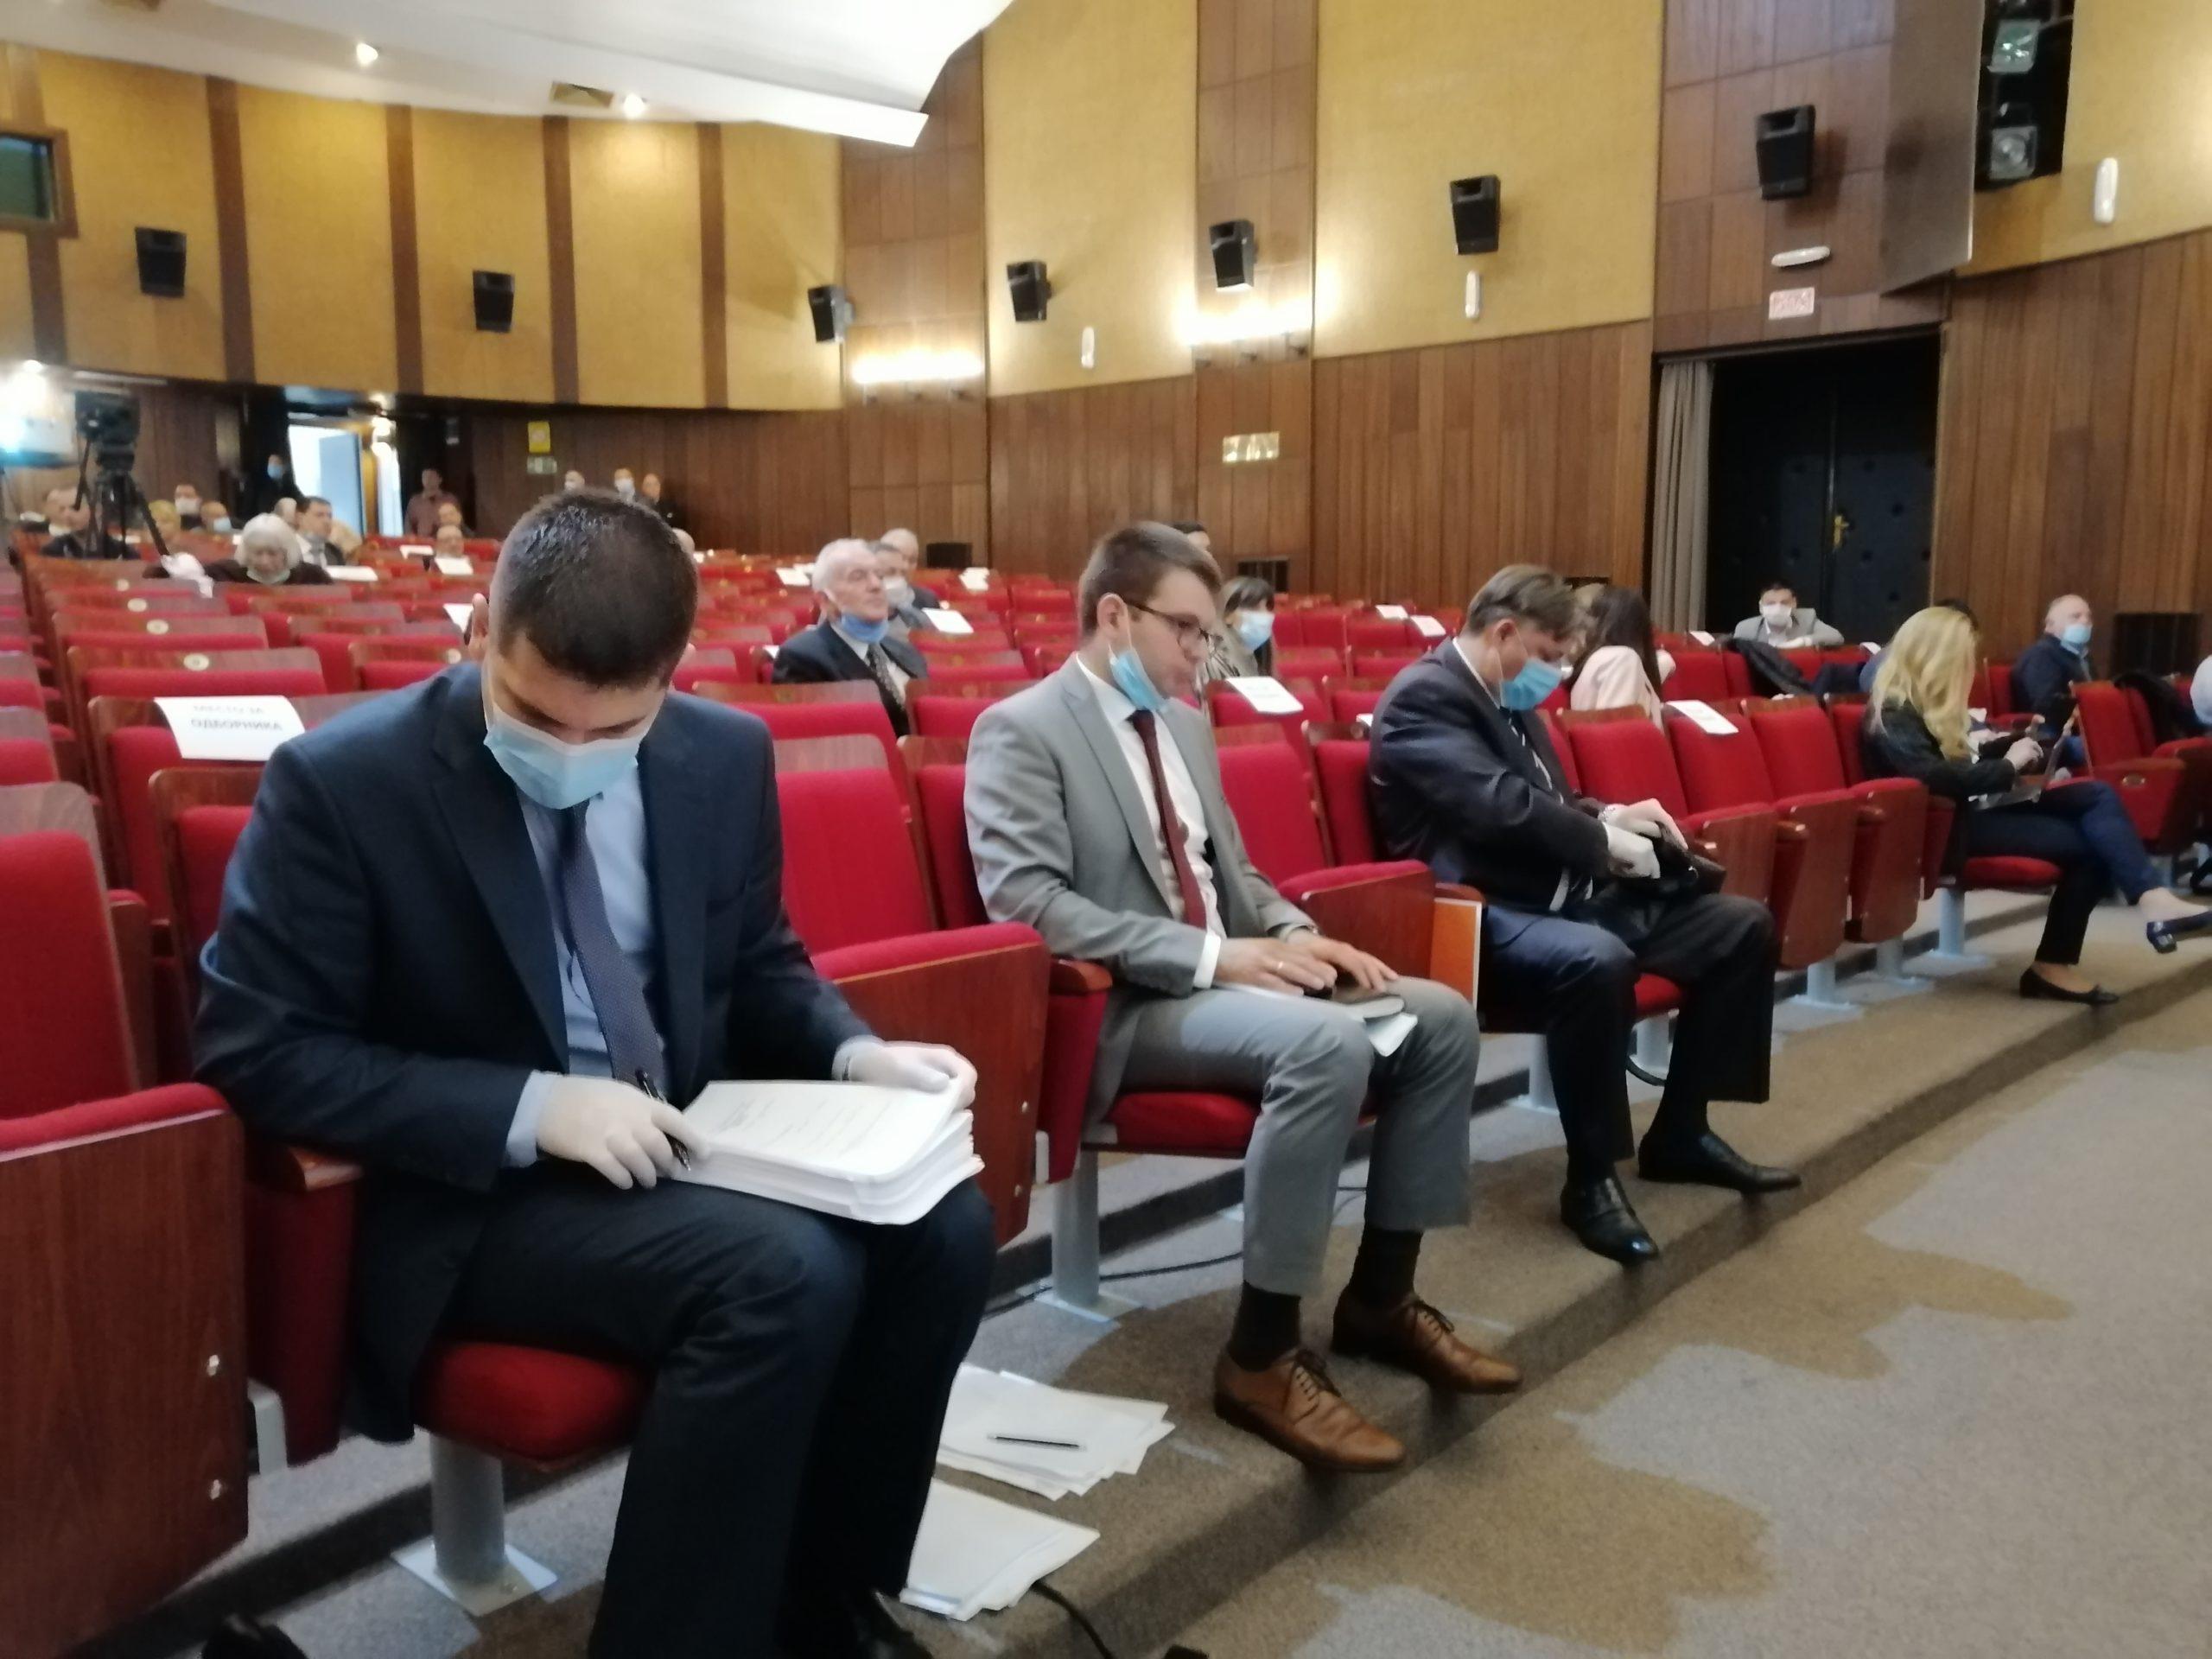 Poslednje, 34. zasedanje Skupštine grada Požarevca u postojećem sazivu 36023